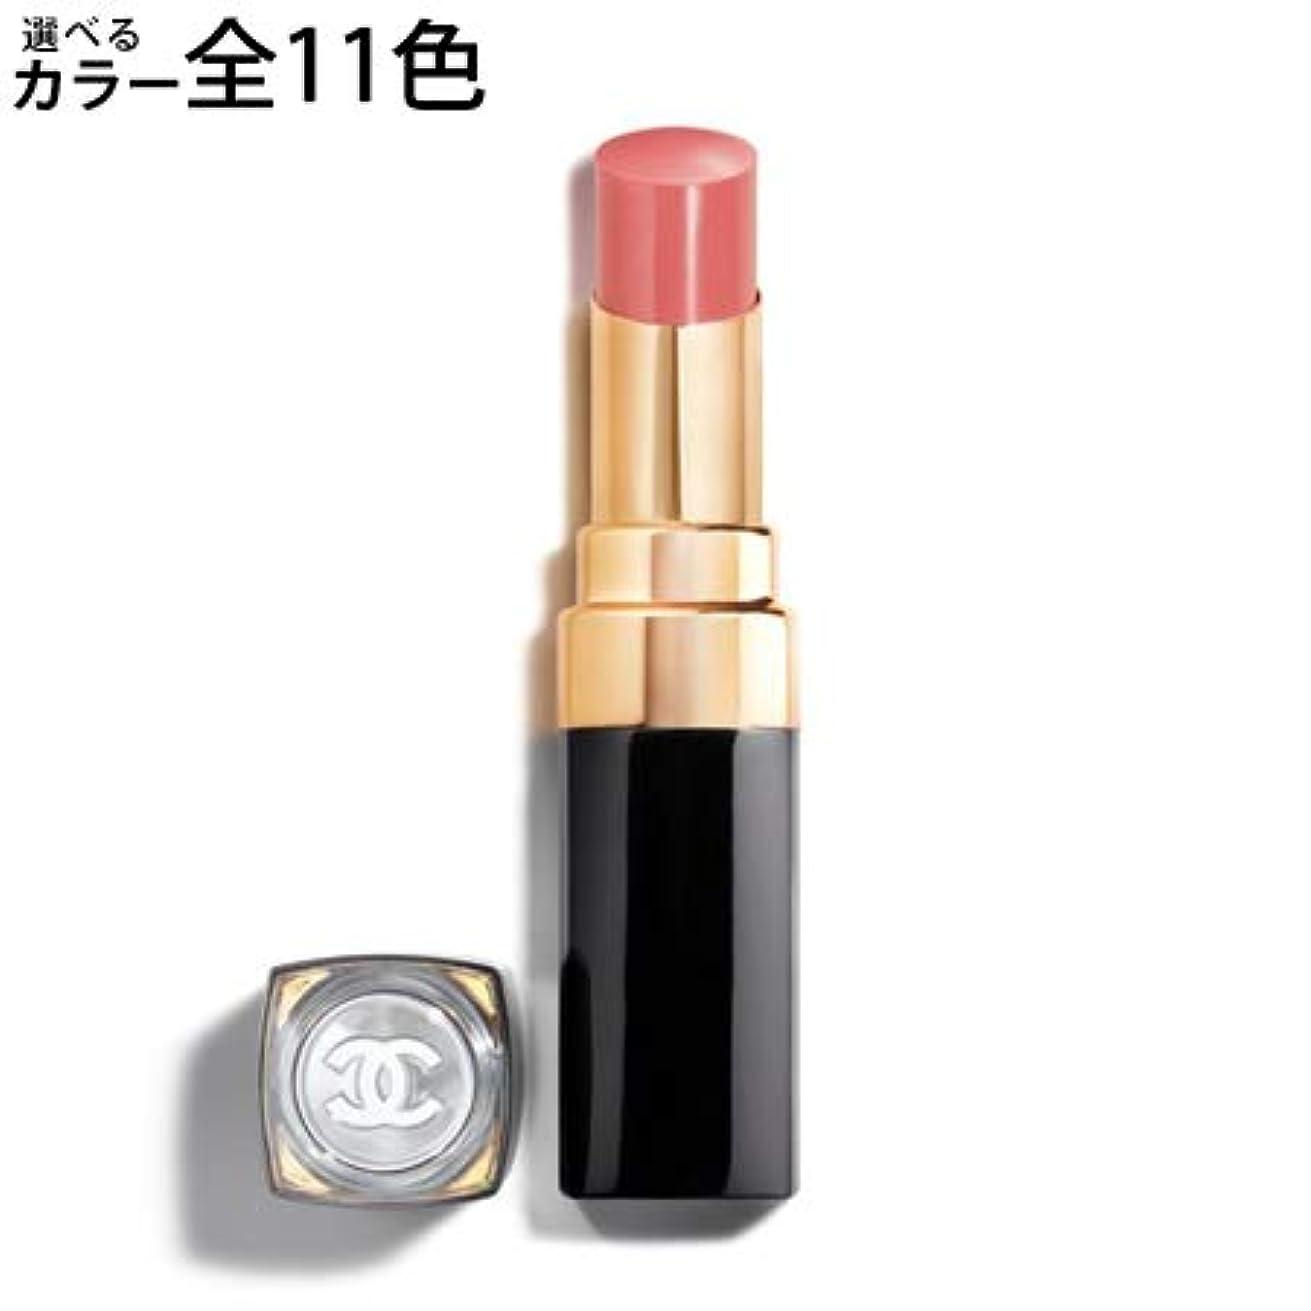 ピービッシュボイラー安全なシャネル ルージュ ココ フラッシュ 選べる11色 -CHANEL- 82ライヴ